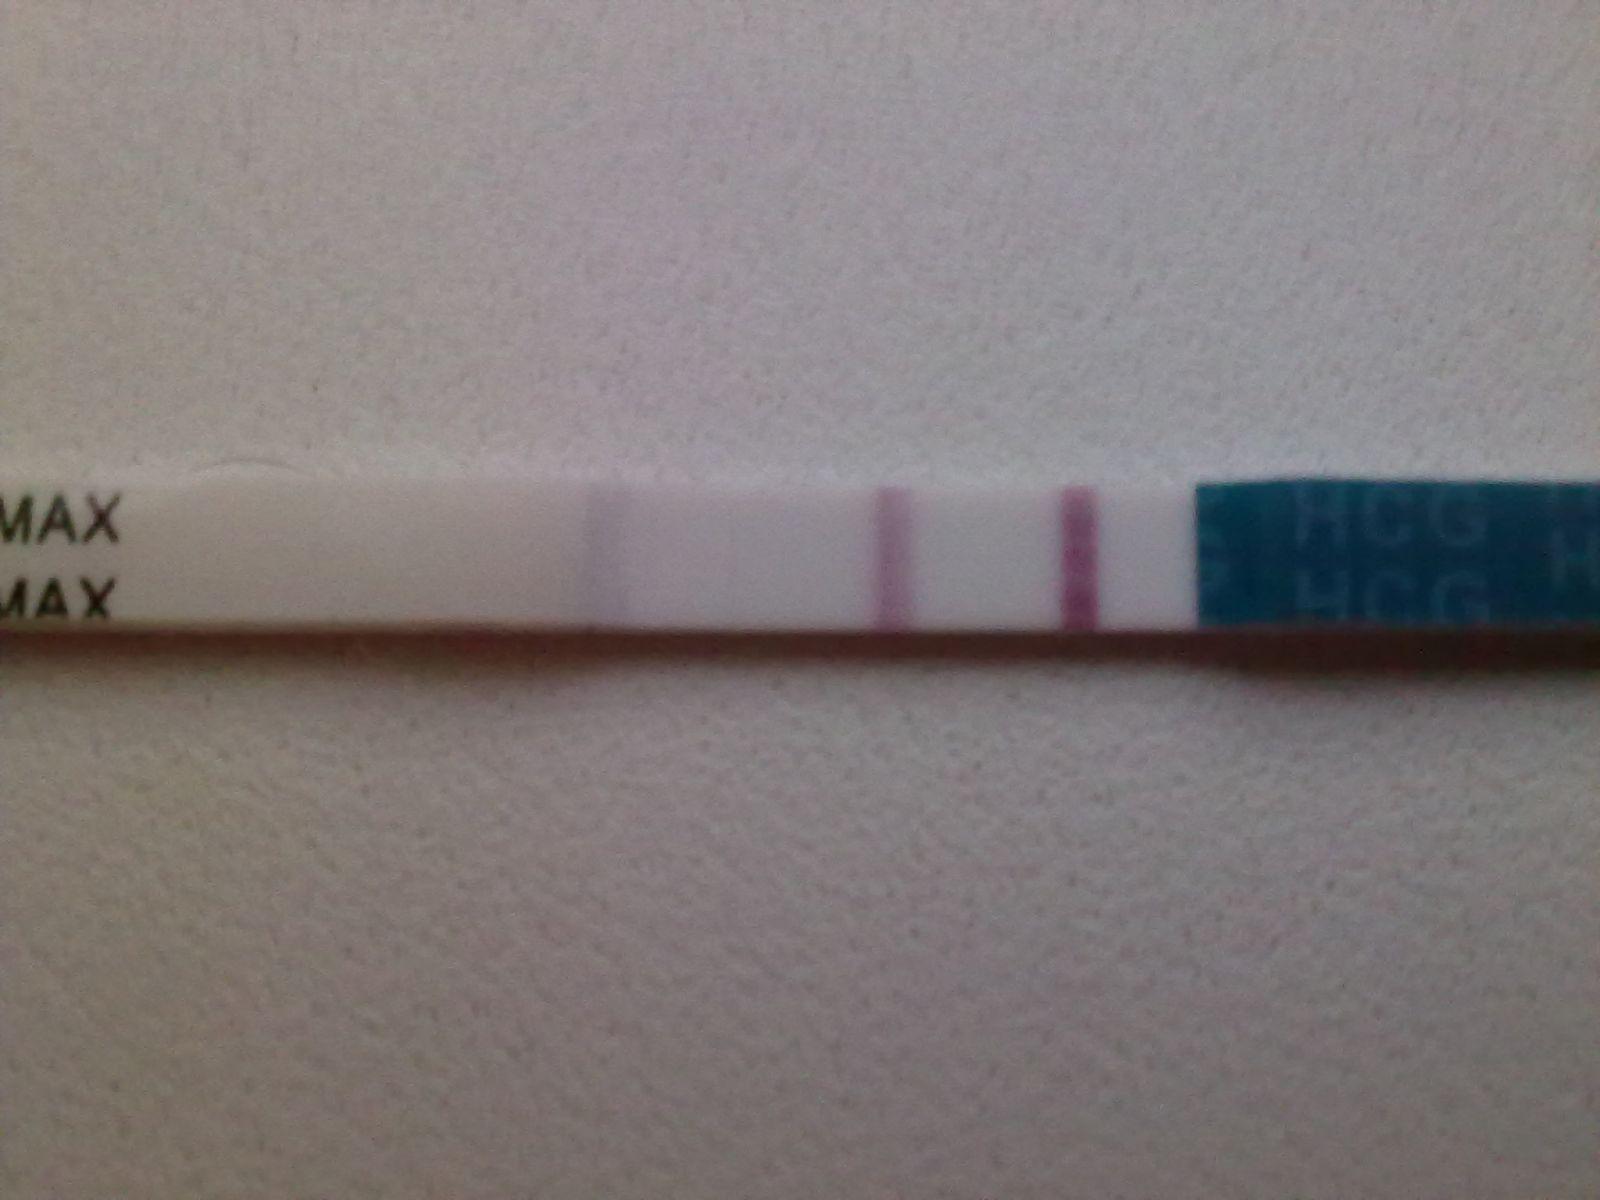 Картинки тестов на беременность с 2 полосками фото 2